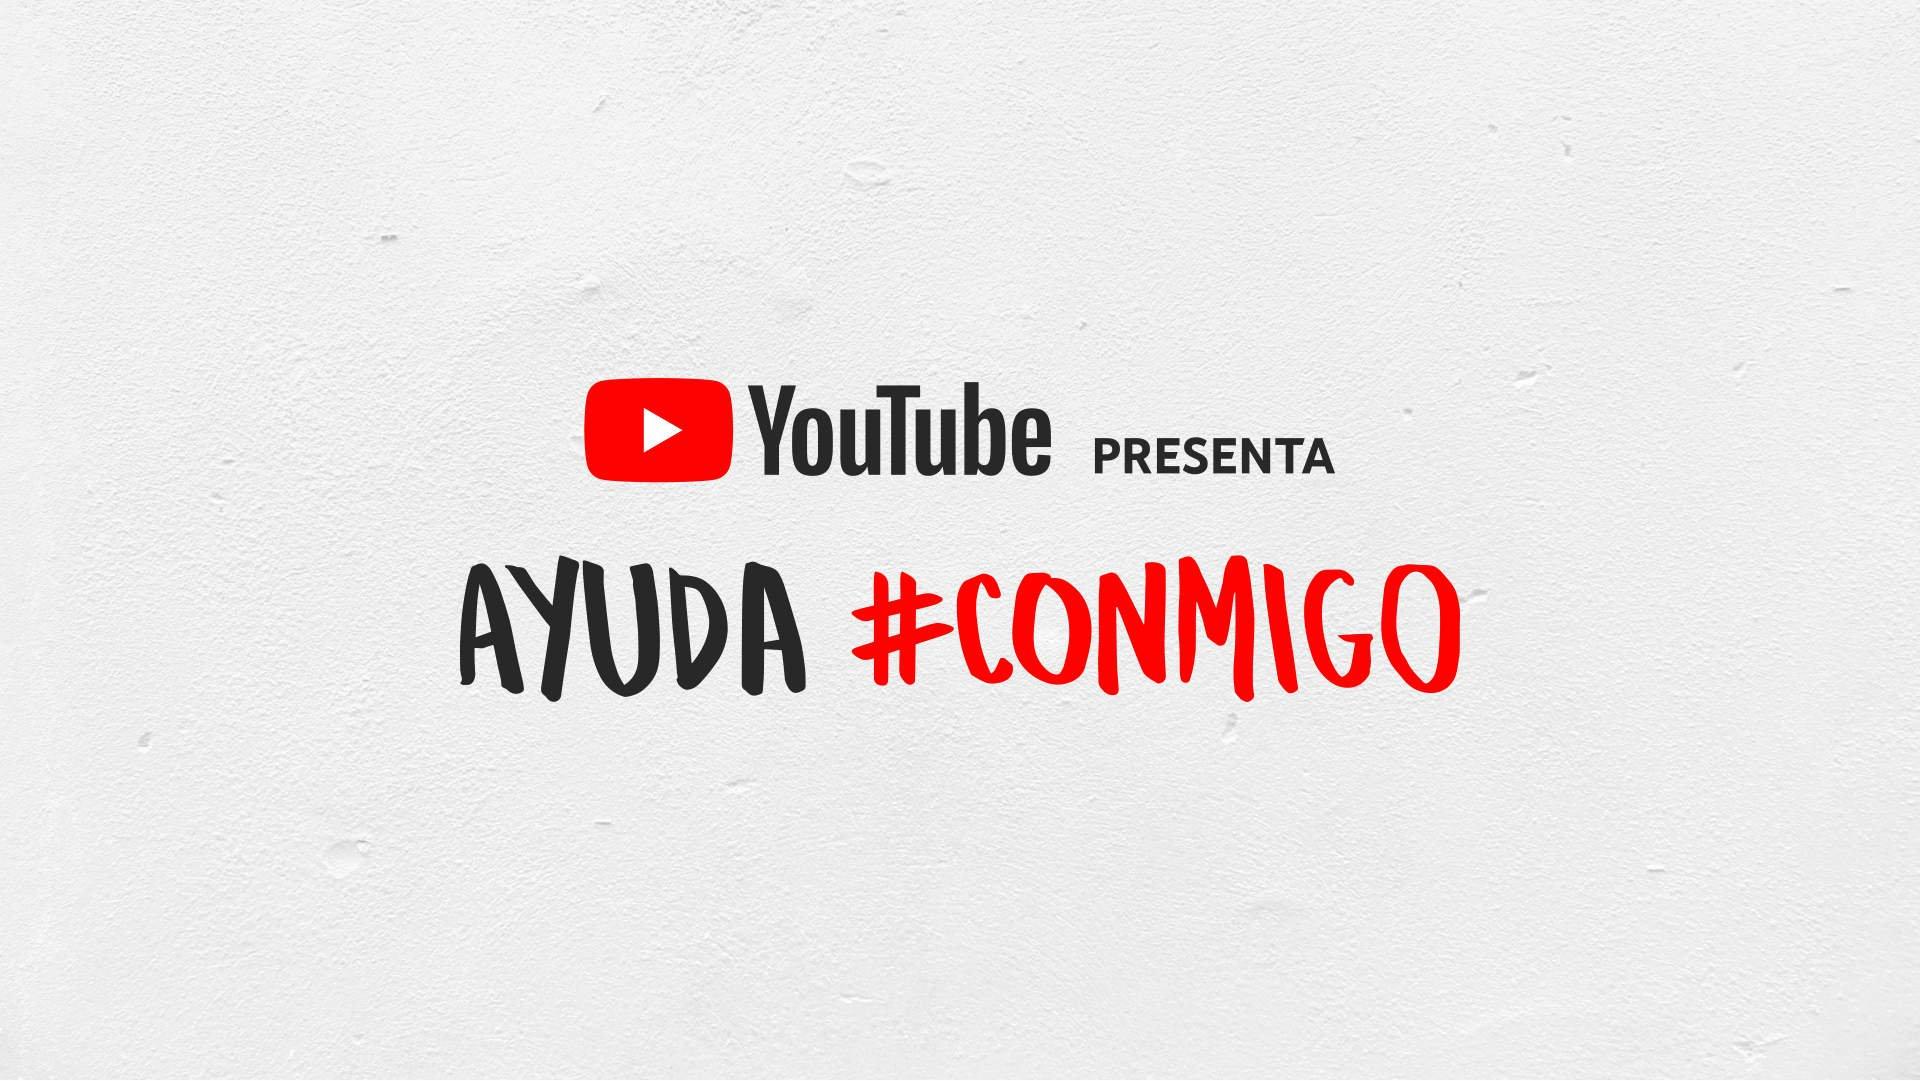 YouTube - Ayuda Conmigo.jpg